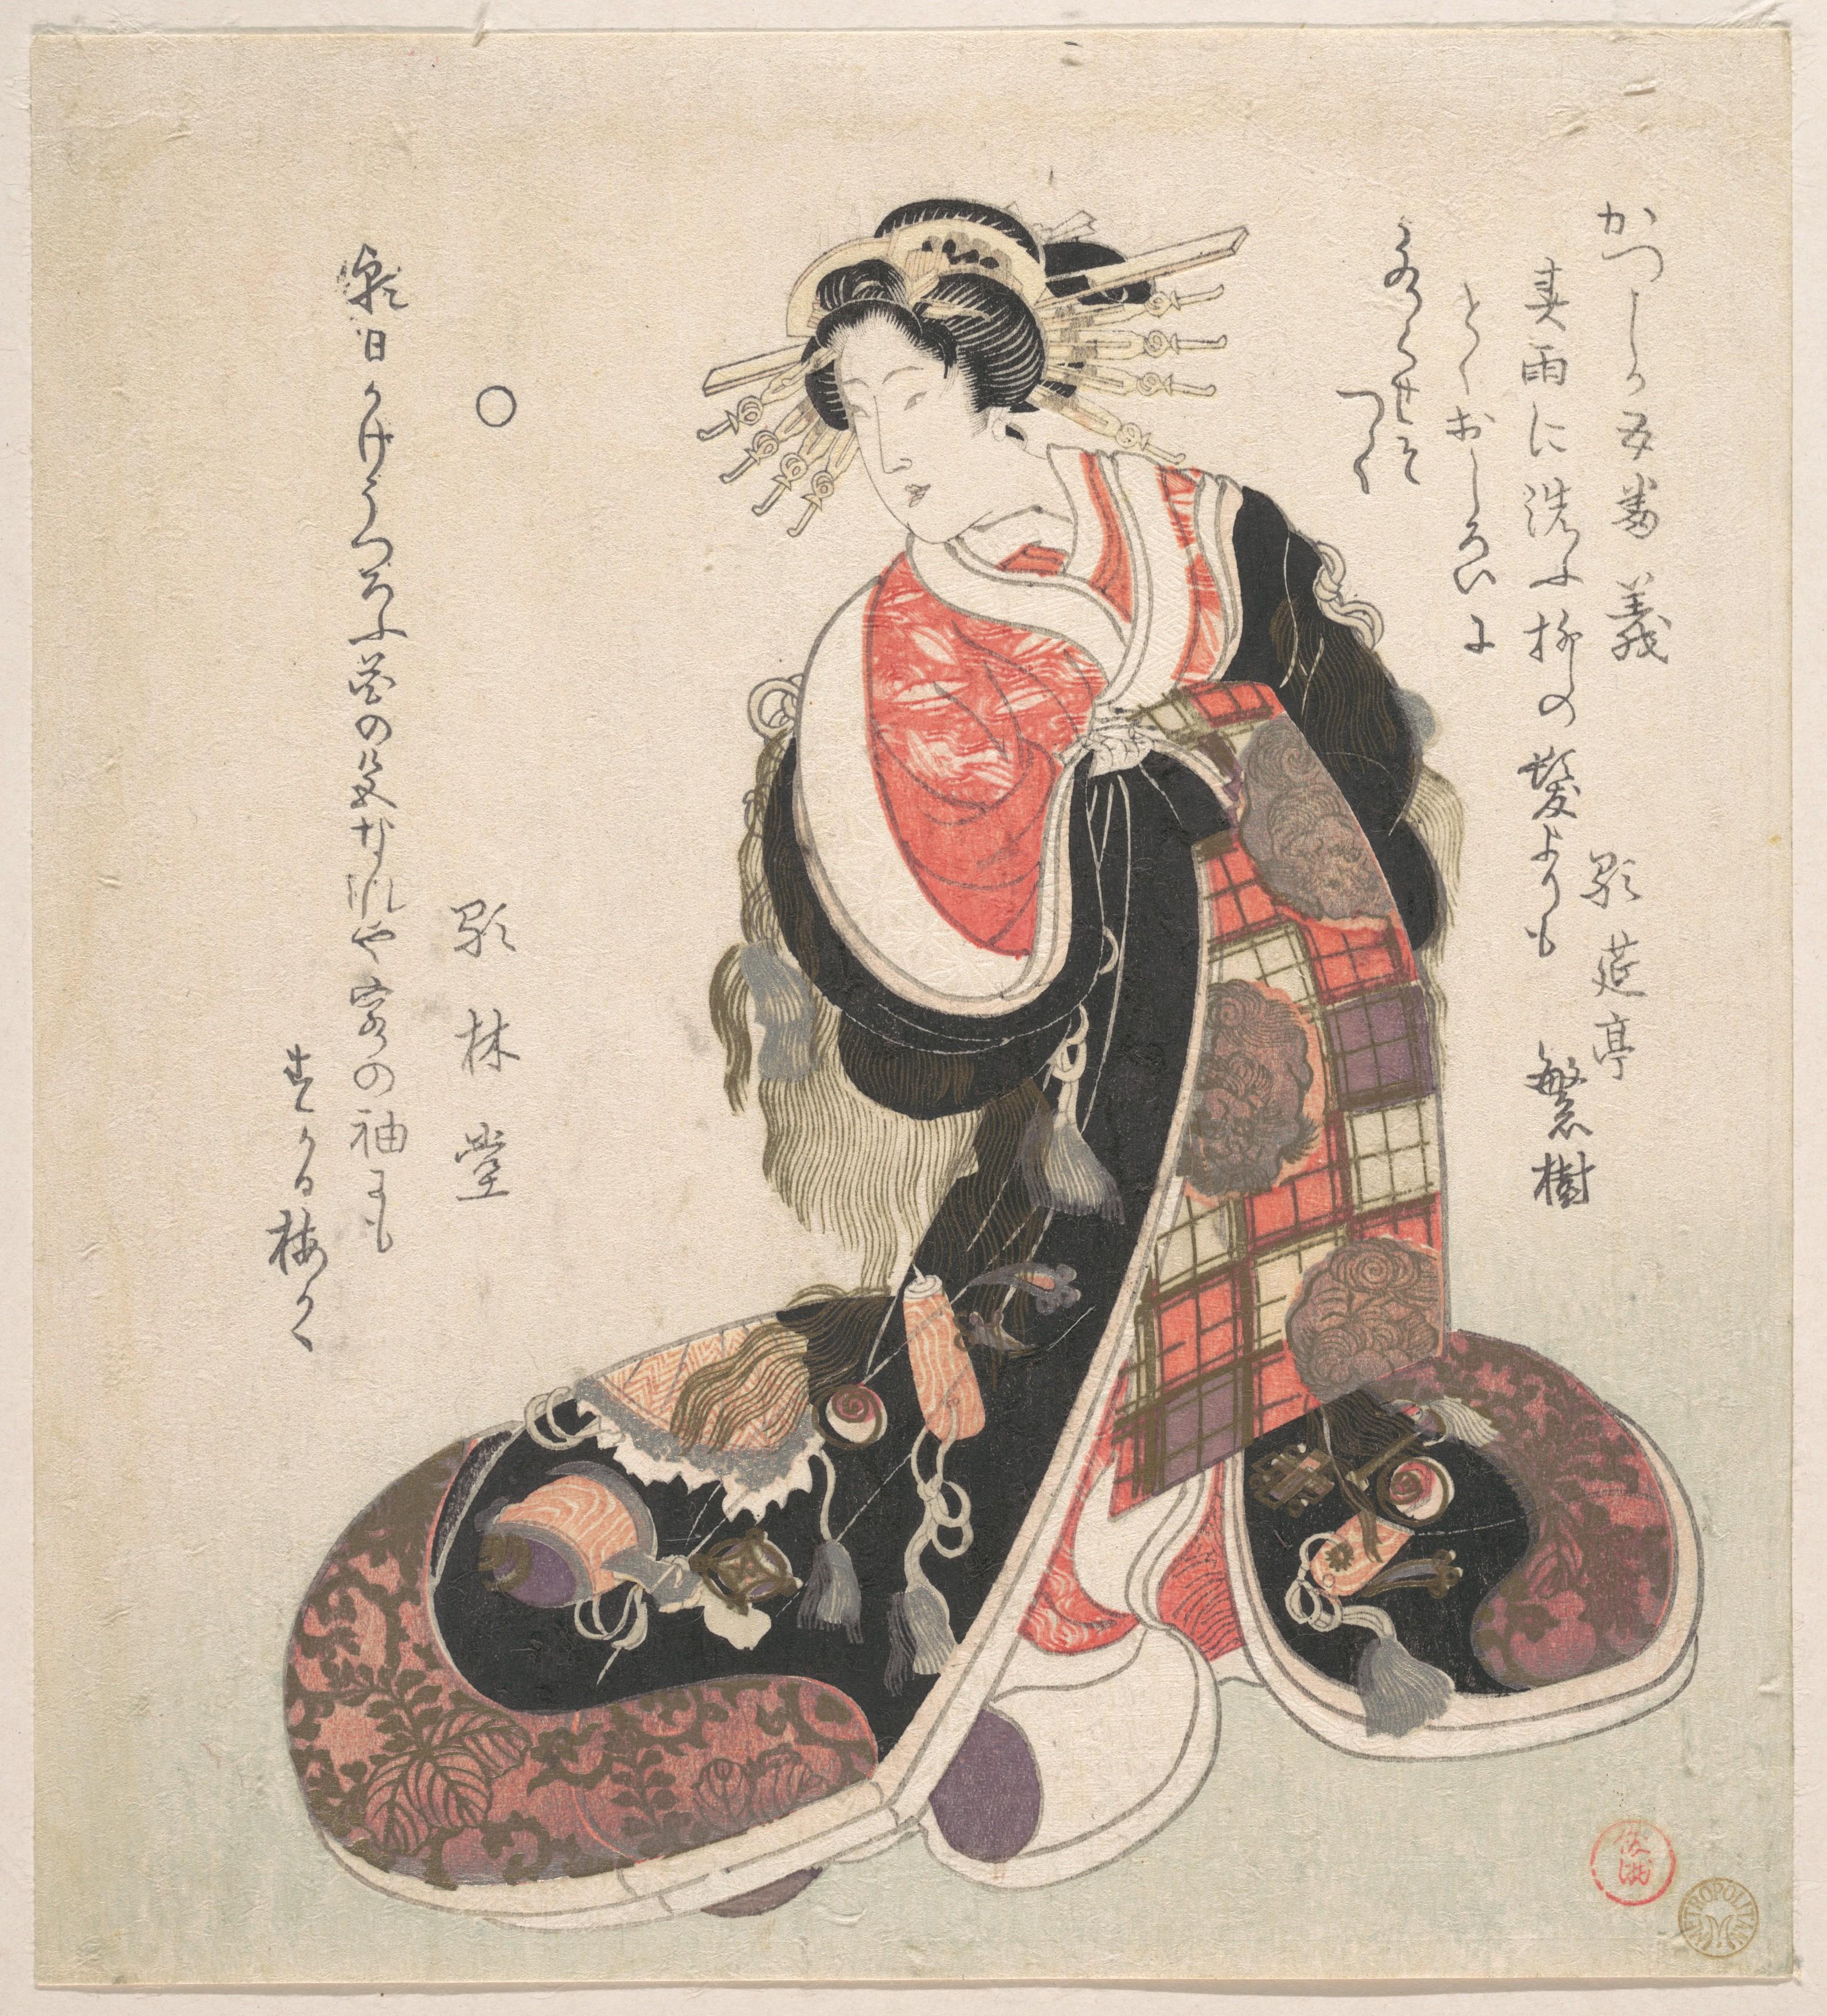 Куртизанка в кимоно с вышитыми эмблемами удачи_ок.1800_200х181 мм